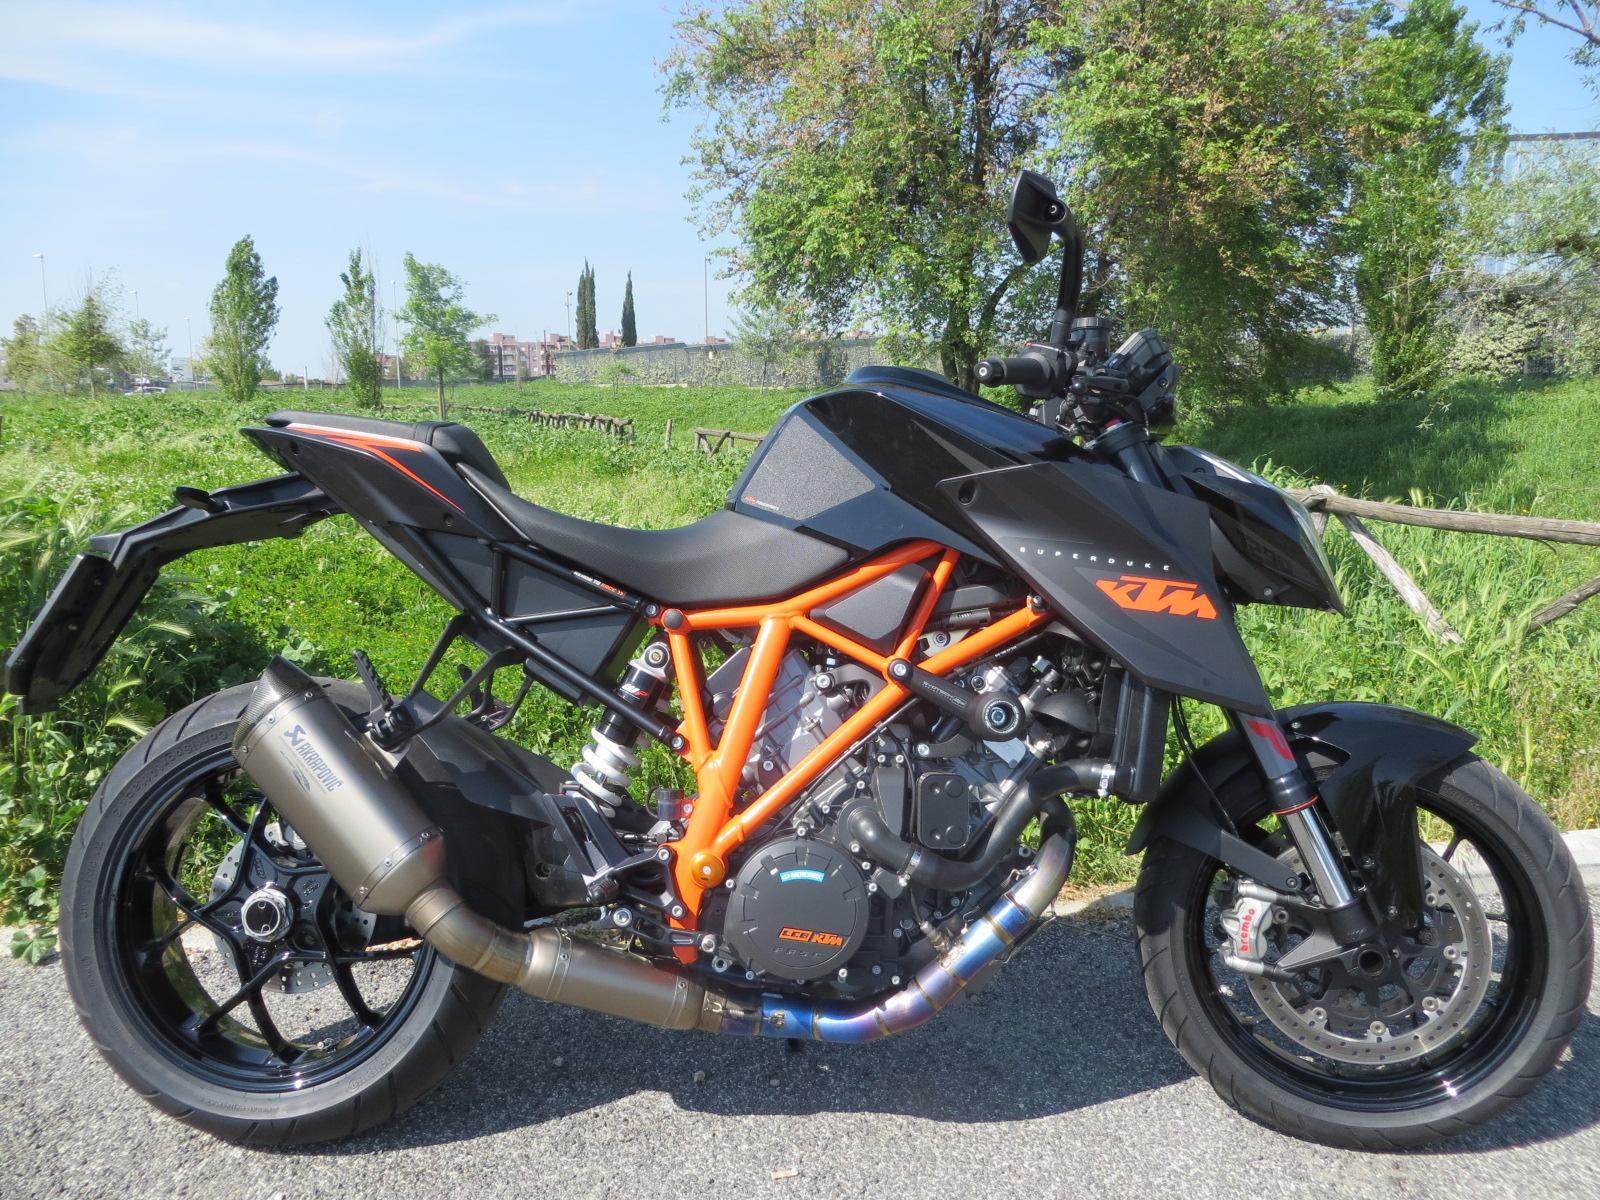 Ktm Ktm 1290 Super Duke R Naked